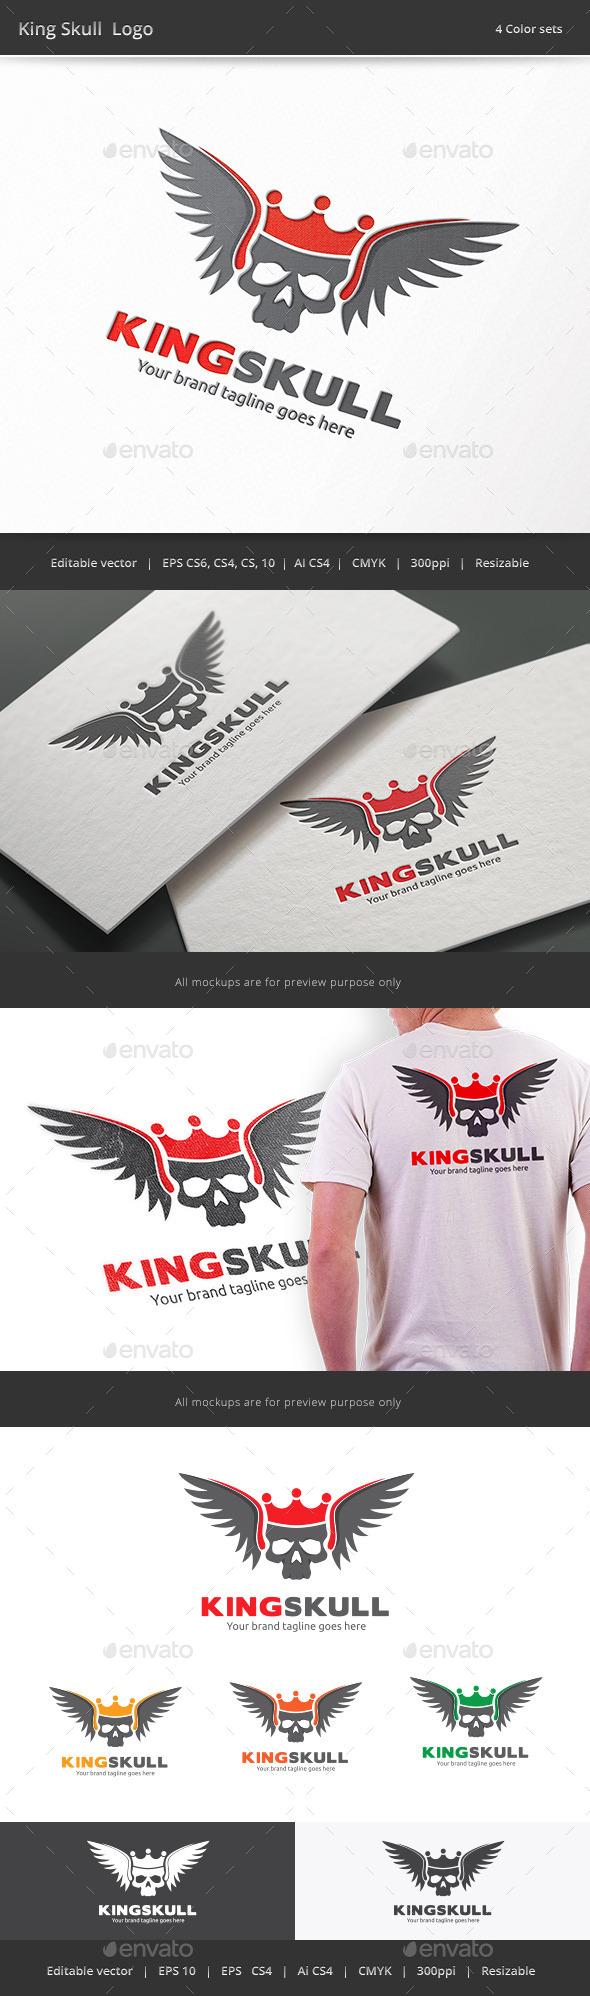 King Skull Logo - Objects Logo Templates